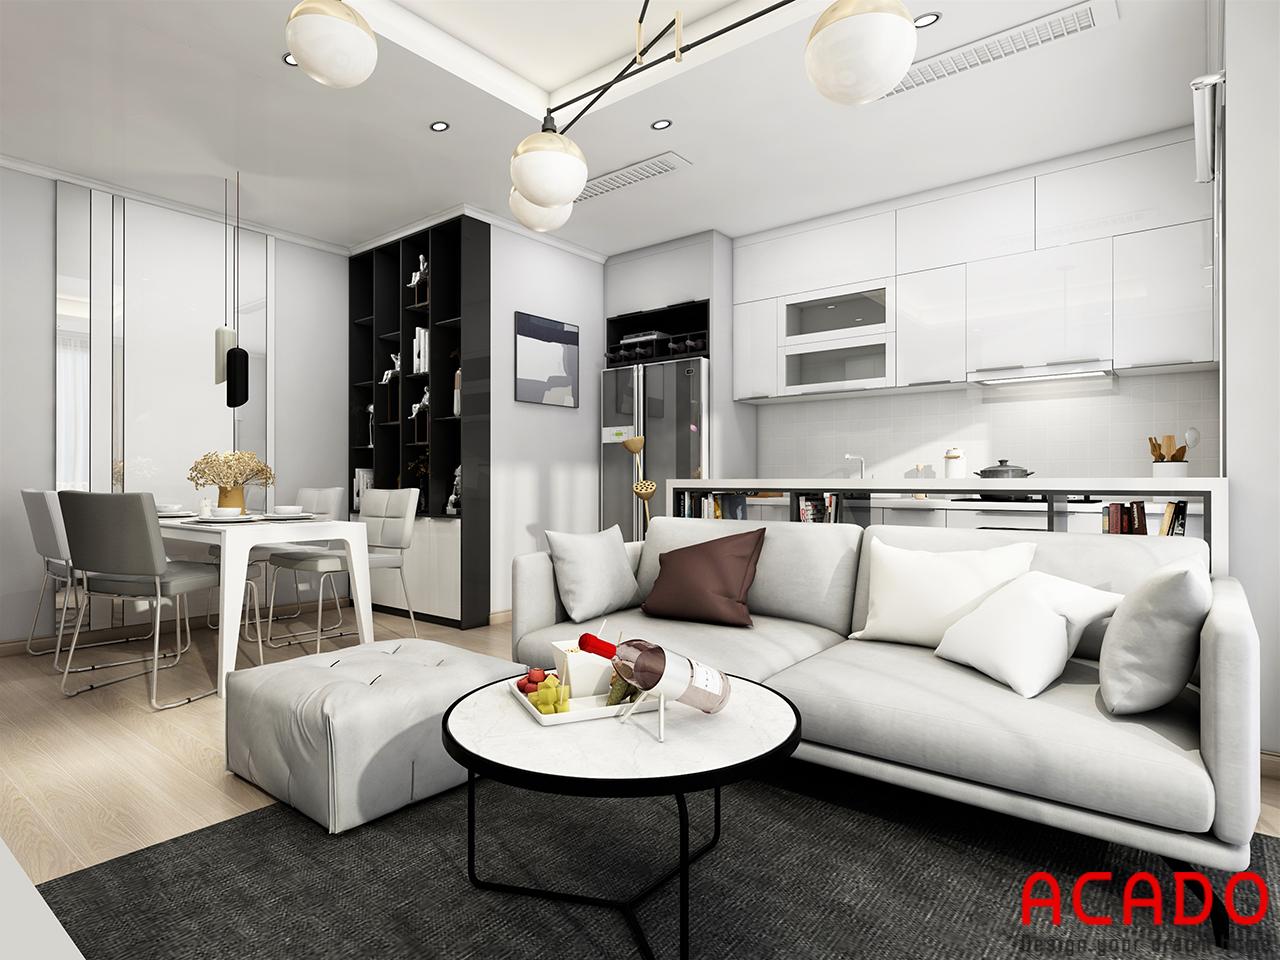 Phòng khách bên cạnh phòng bếp bố trí bộ sofa vải hiện đại